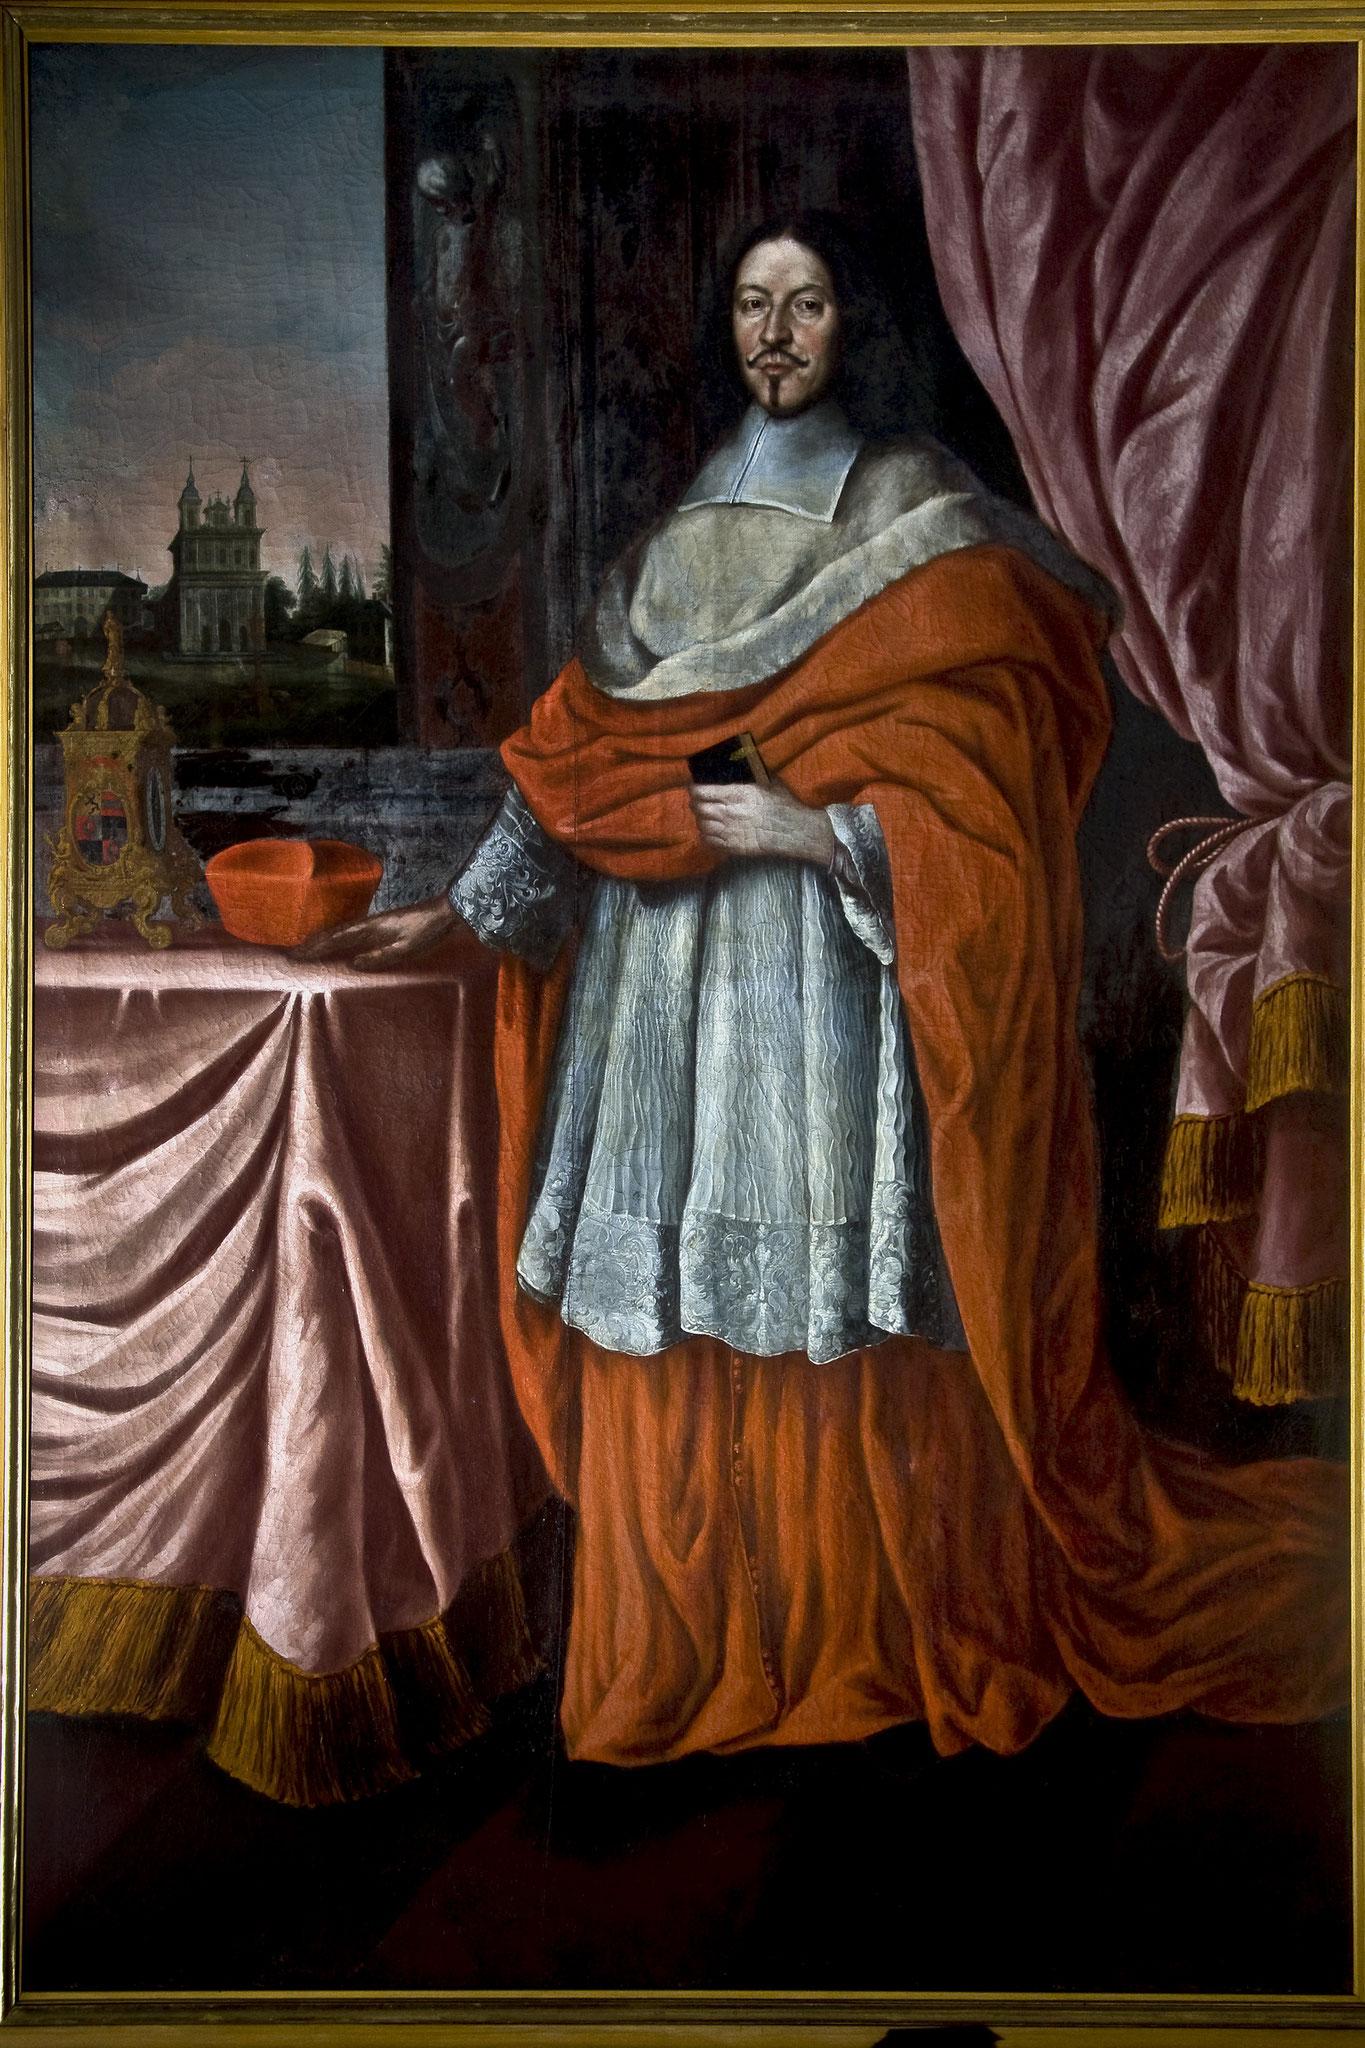 Dommuseum Sonderausstellung Maximilian Gandolph (c) Erzabtei St. Peter Kunstsammlungen/Auer